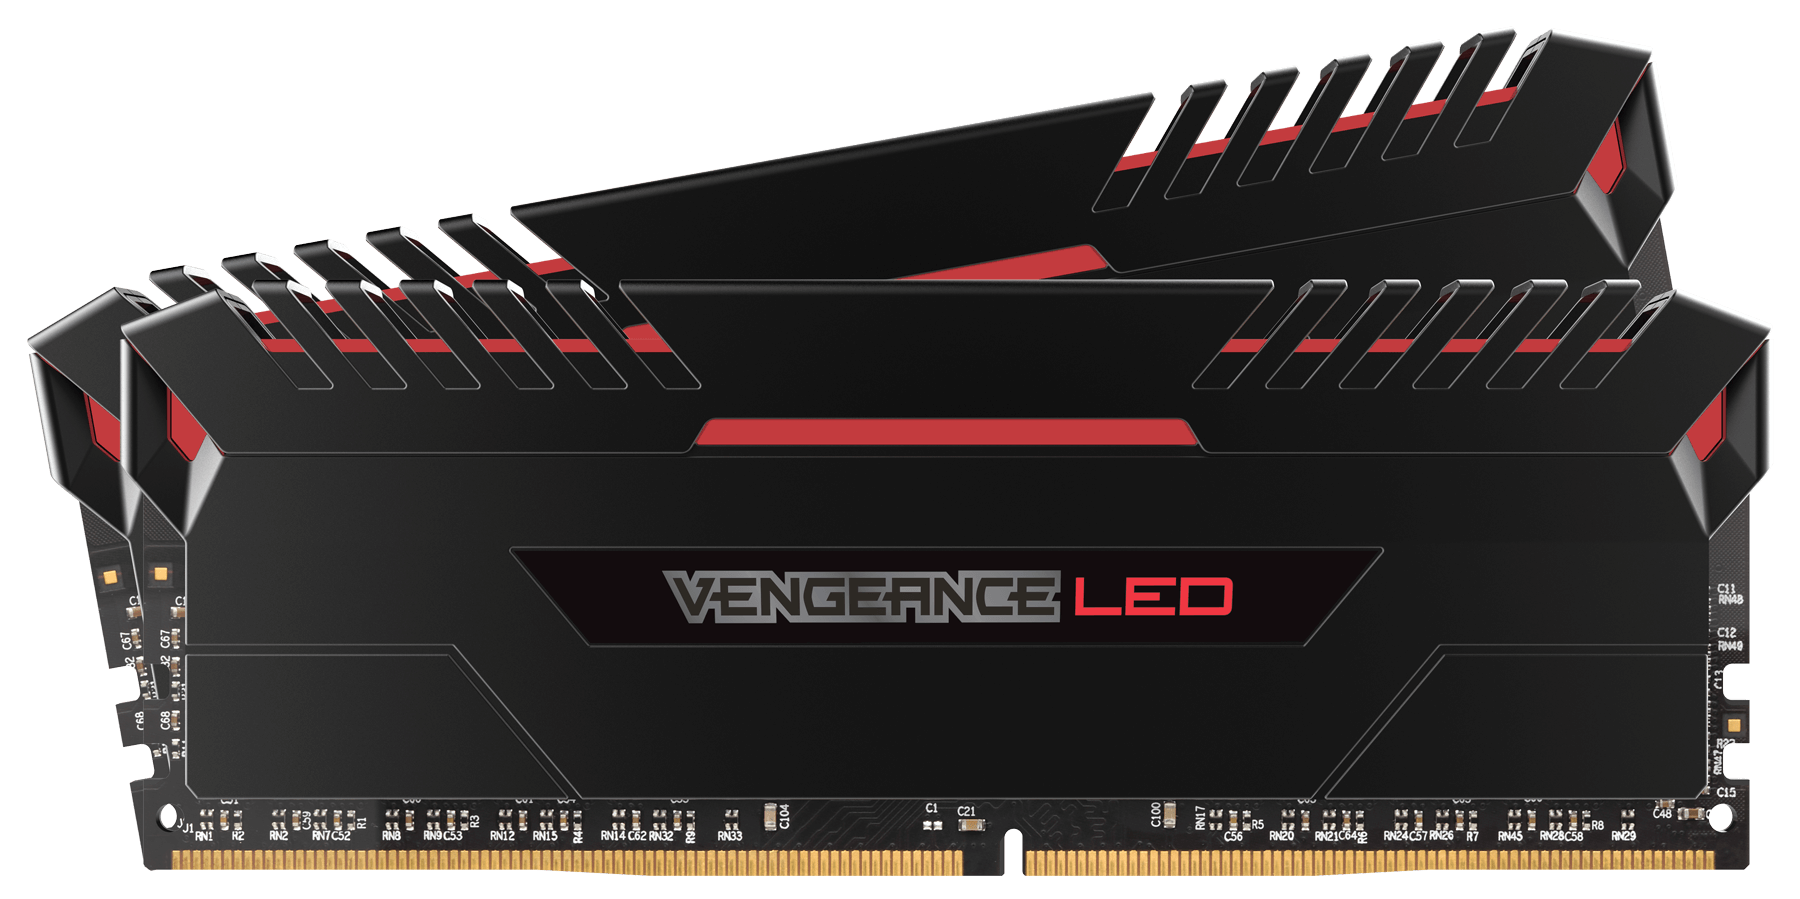 Memorie Desktop Corsair Vengeance LED 32GB(2 x 16GB) DDR4 3200MHz Red